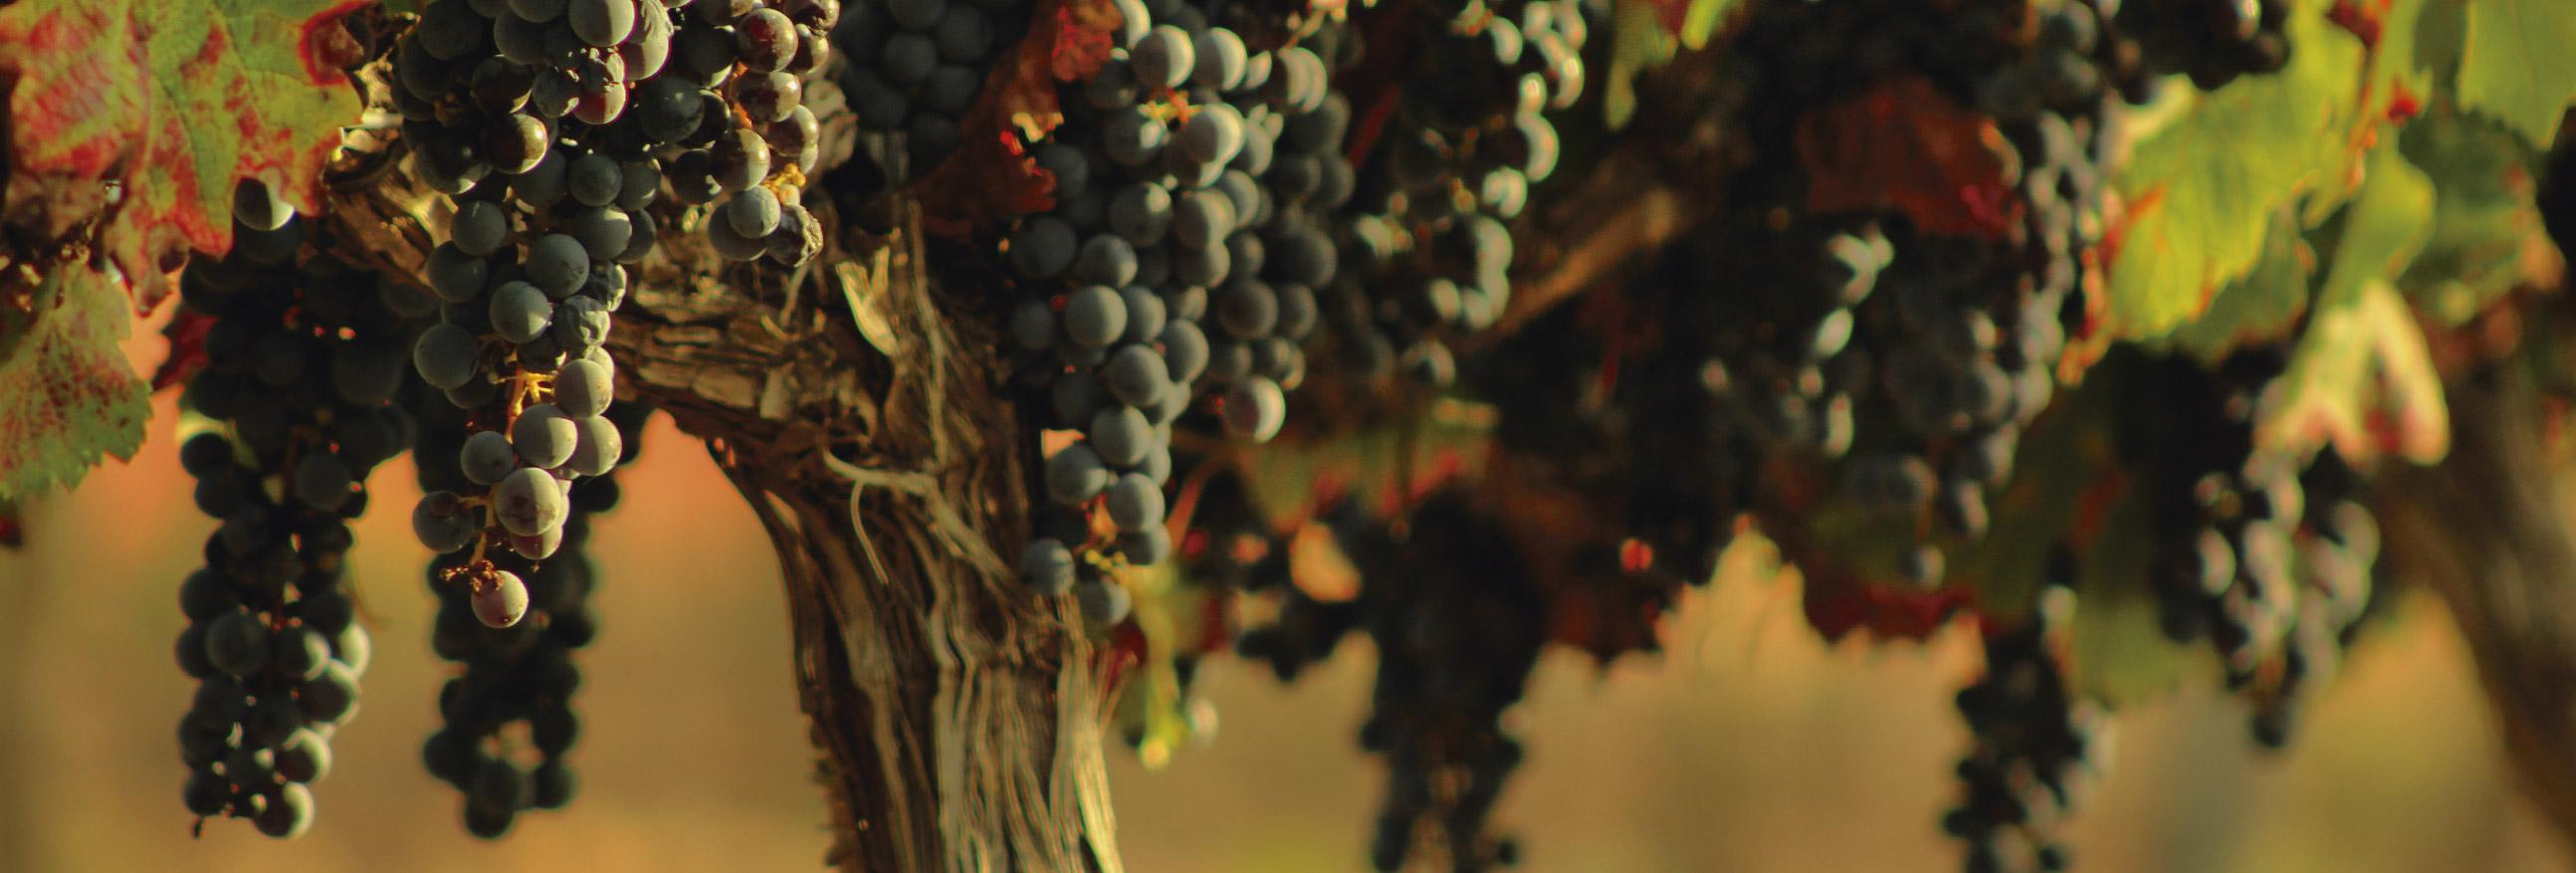 carta vins hostal gastronòmic la creu mora ebre restaurant-01